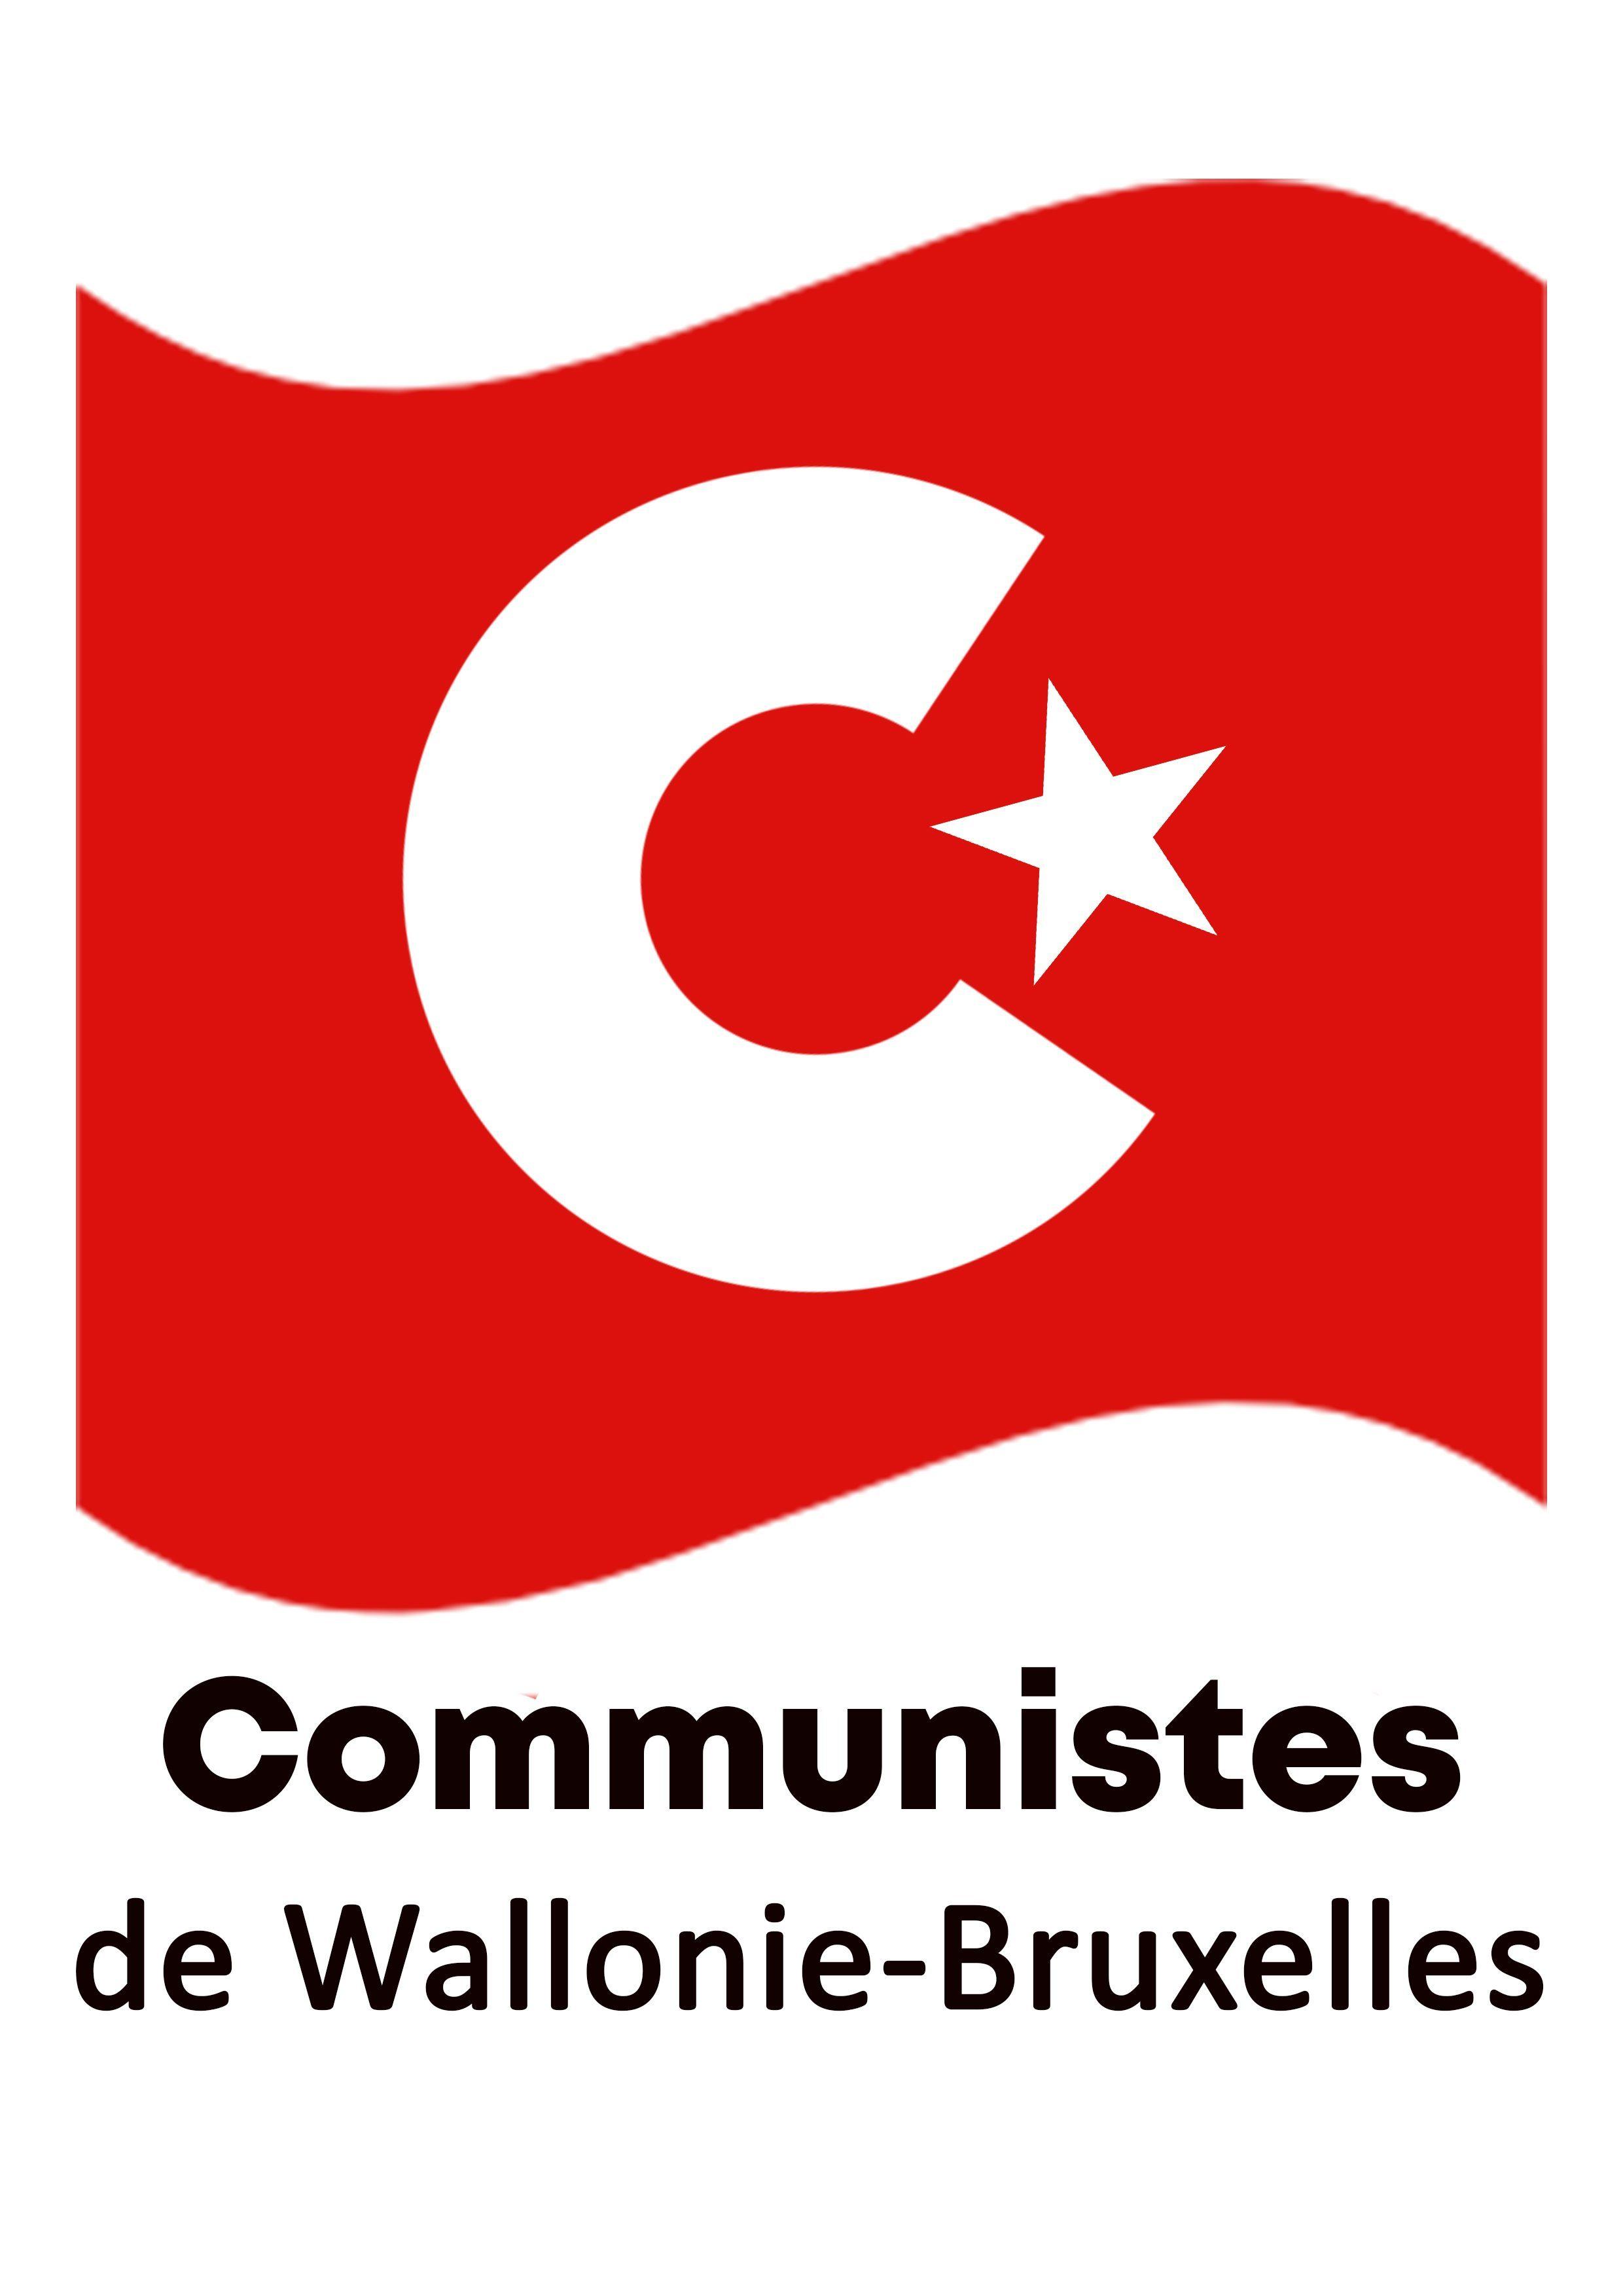 Communistes de Wallonie-Bruxelles